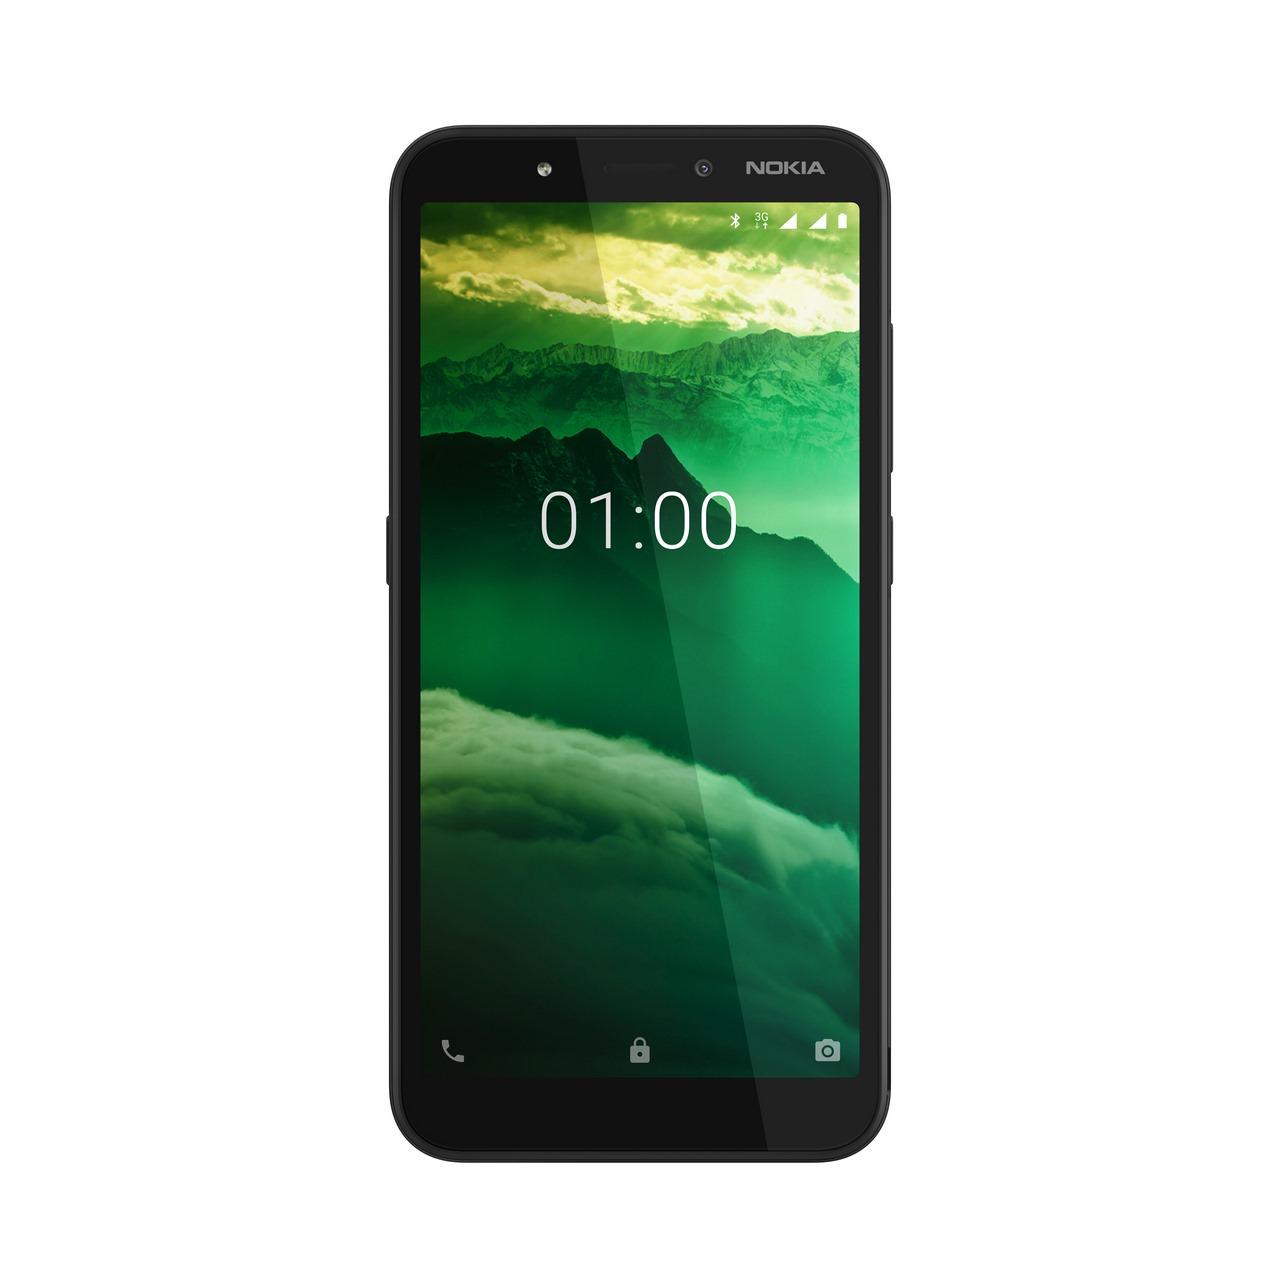 """Nokia ra mắt smartphone C1 cho người mới chuyển lên từ điện thoại """"cục gạch"""", giá 1,4 triệu đồng tại Việt Nam"""